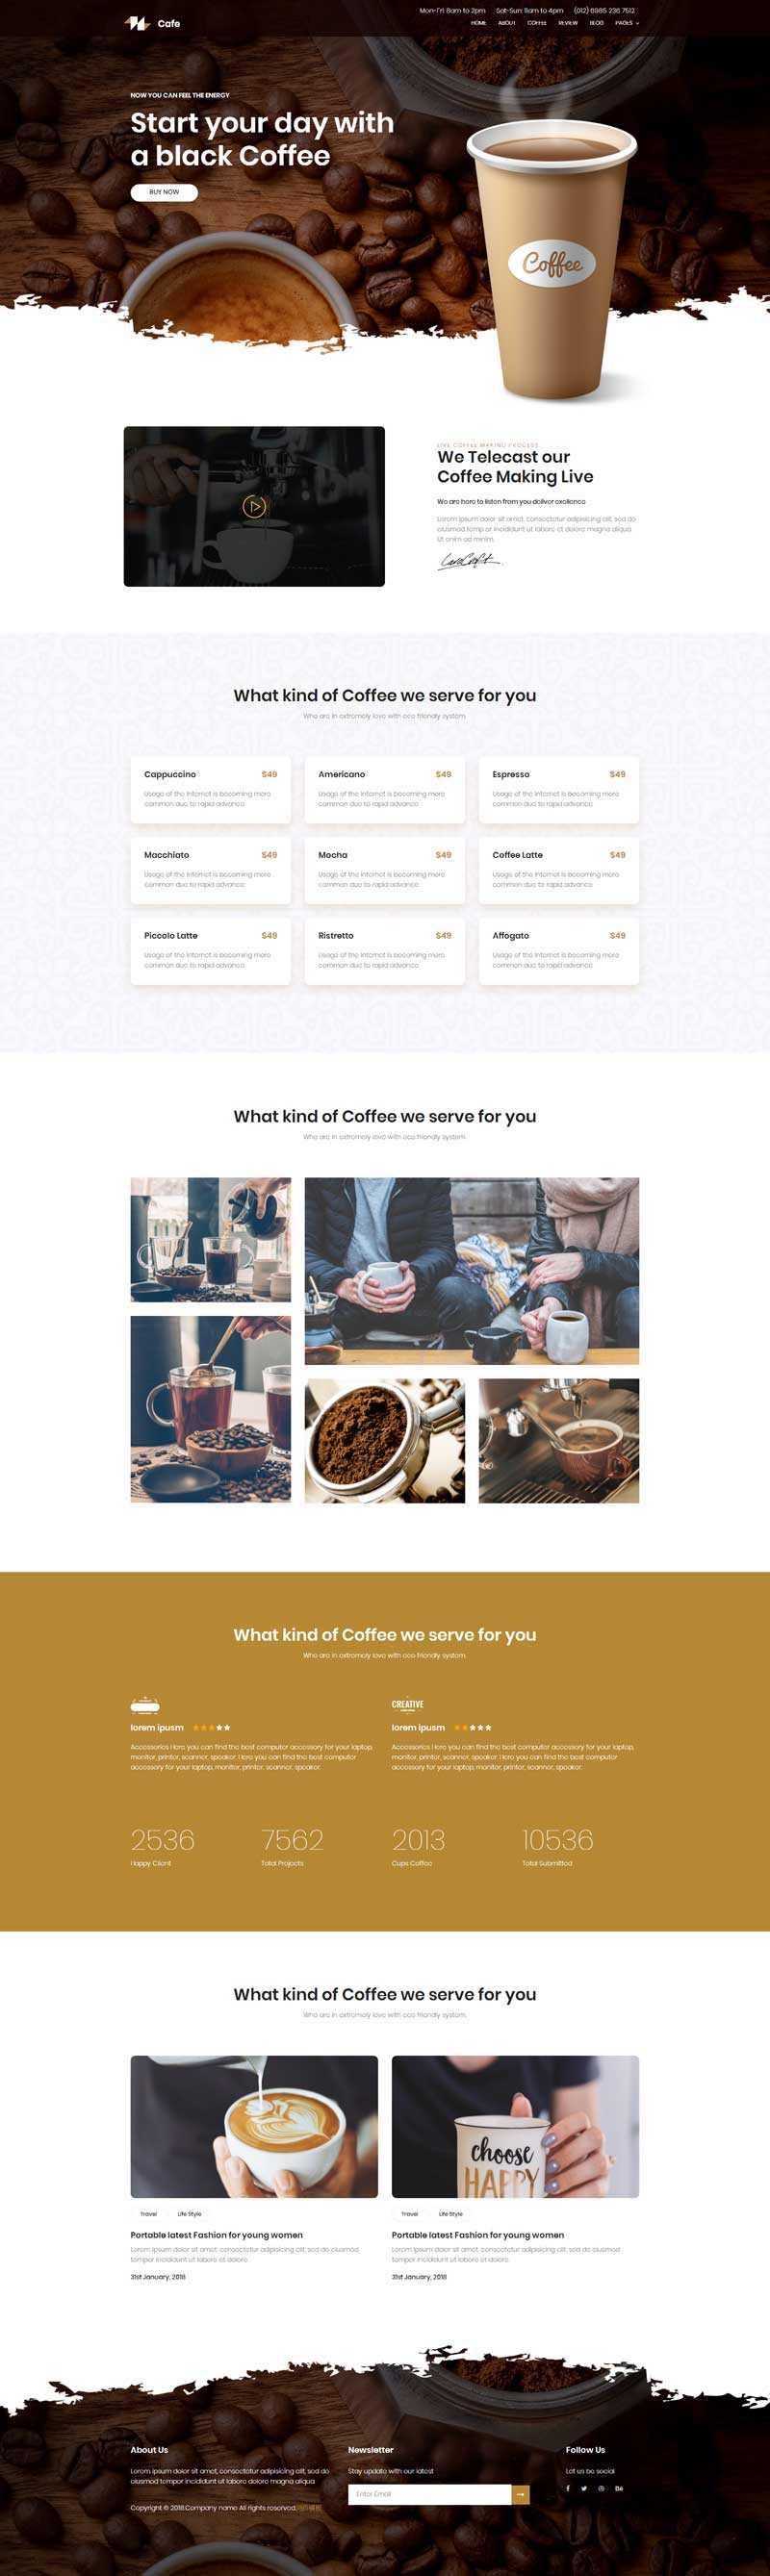 星巴克咖啡菜单介绍展示模板